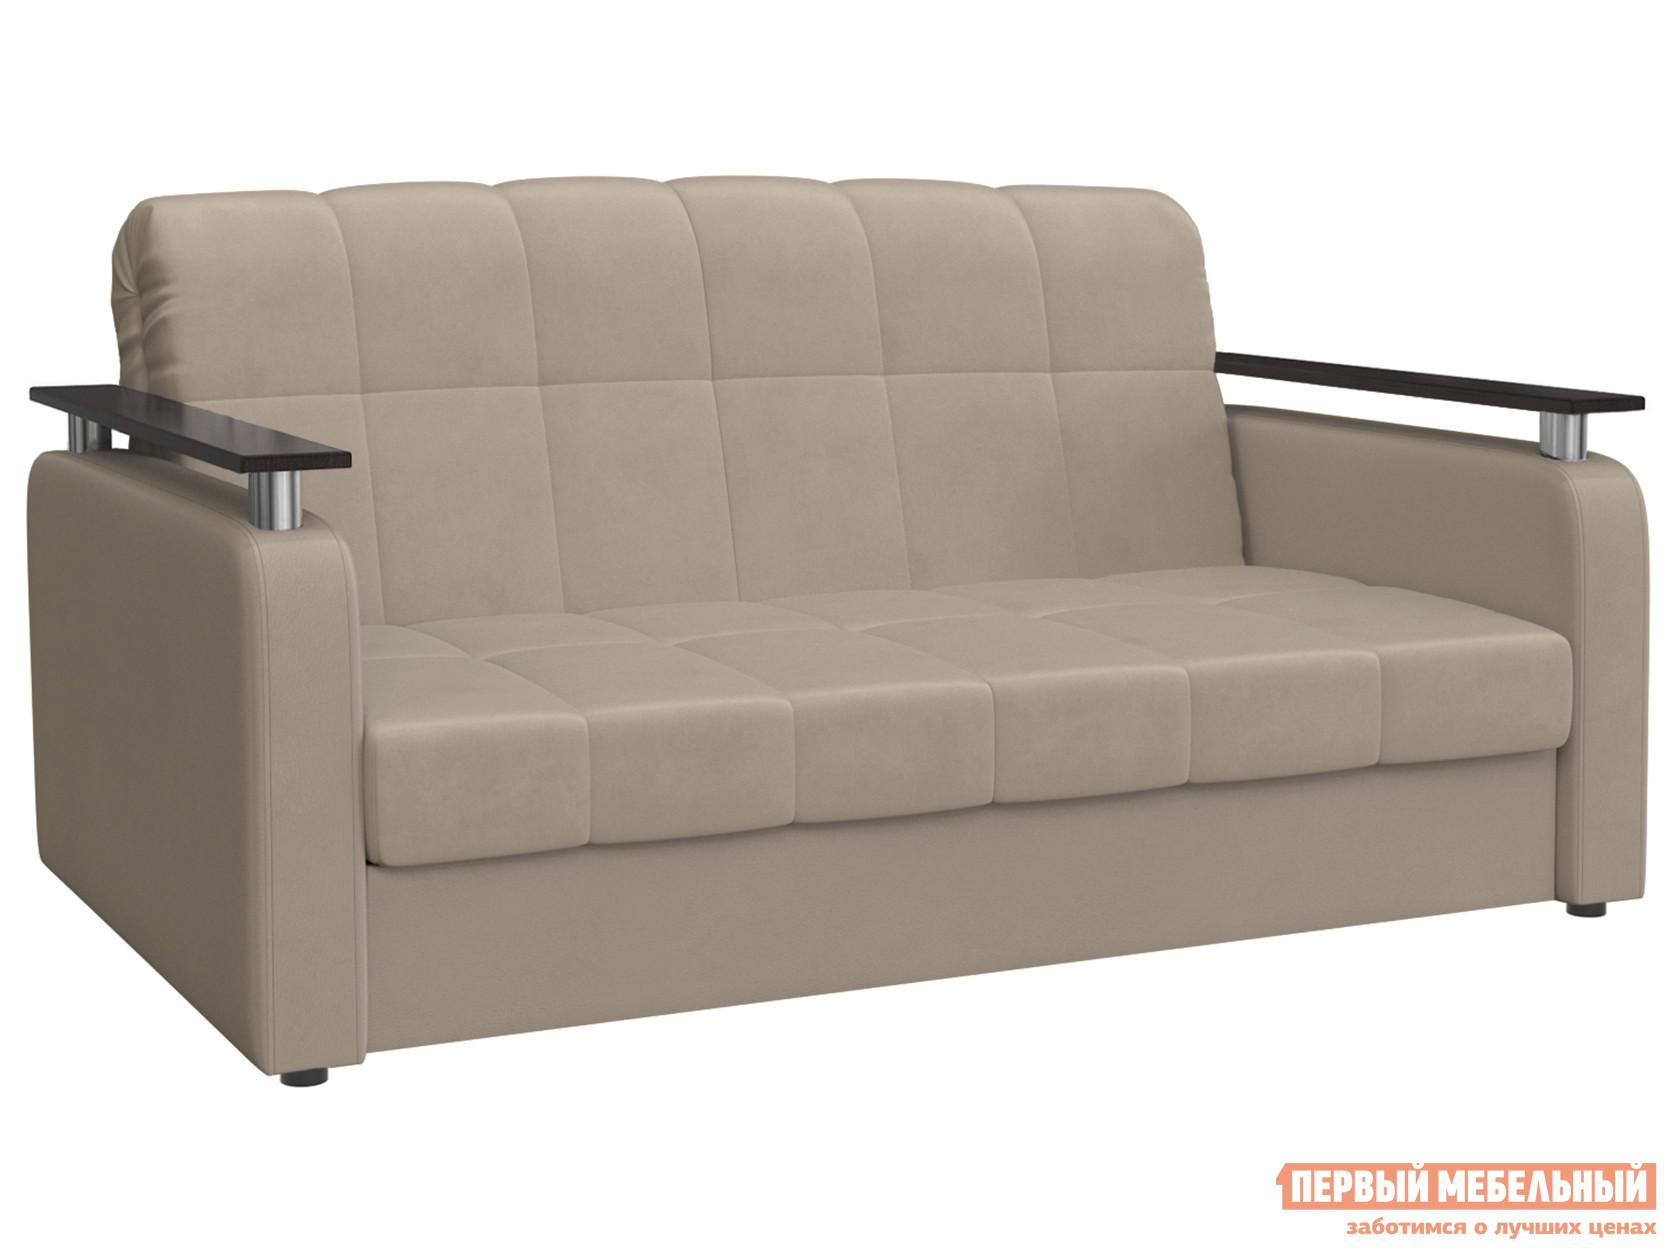 Прямой диван  Денвер / Люкс Латте, велюр, 120х200 см, Независимый пружинный блок Мягкая Линия 117682